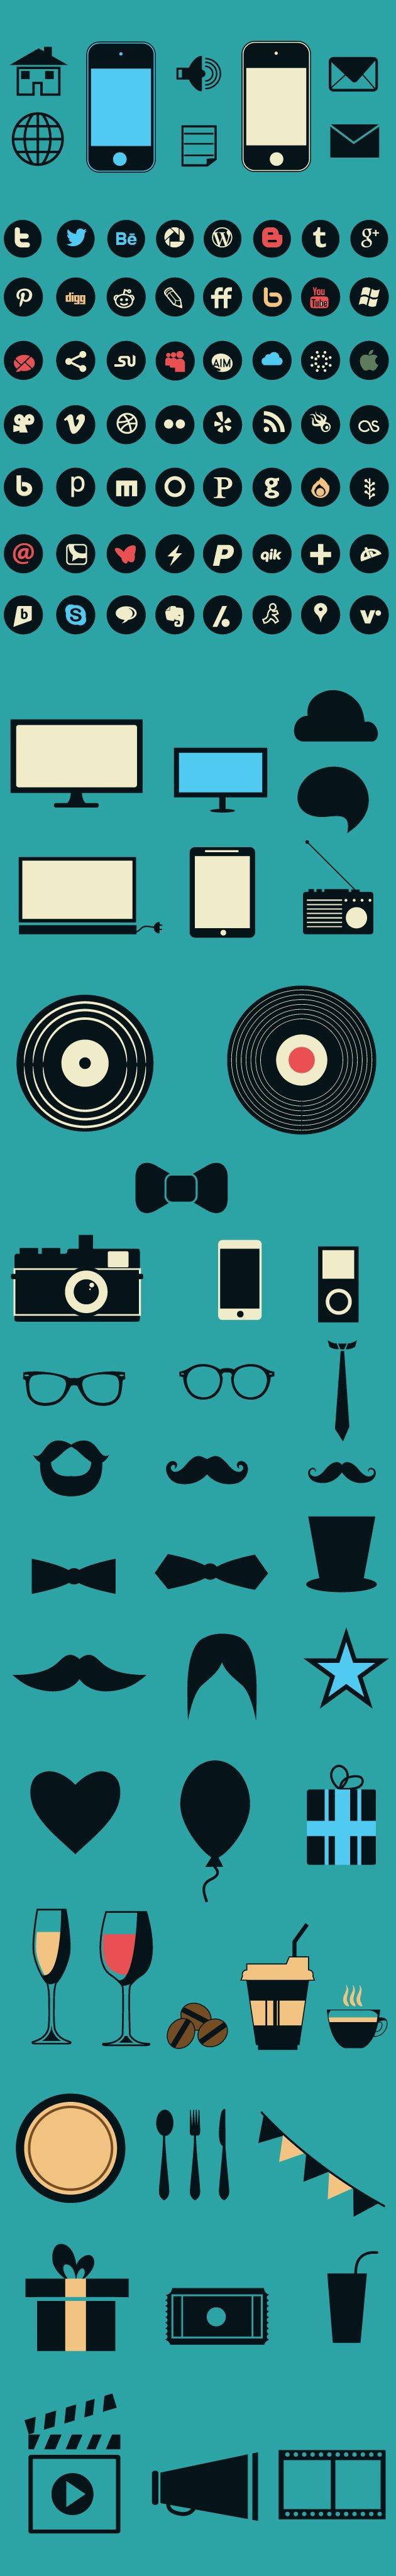 designtnt-social-media-flat-vector-elements-large